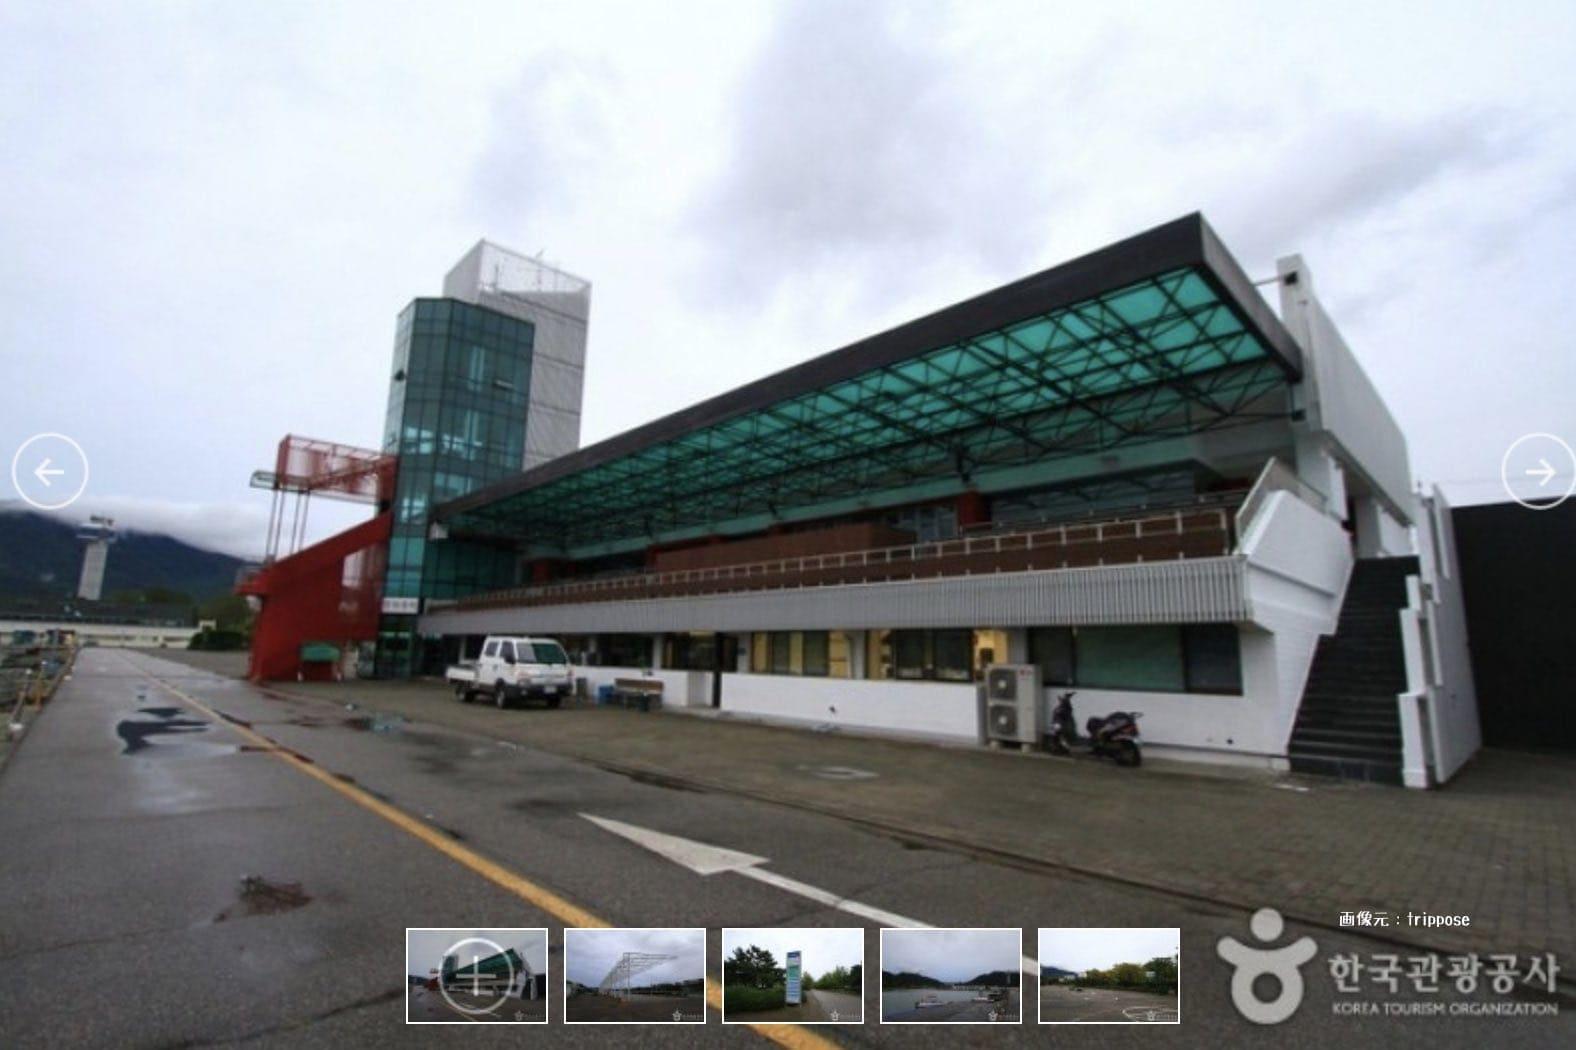 韓国唯一の競艇場 ミ沙里漕艇競技場